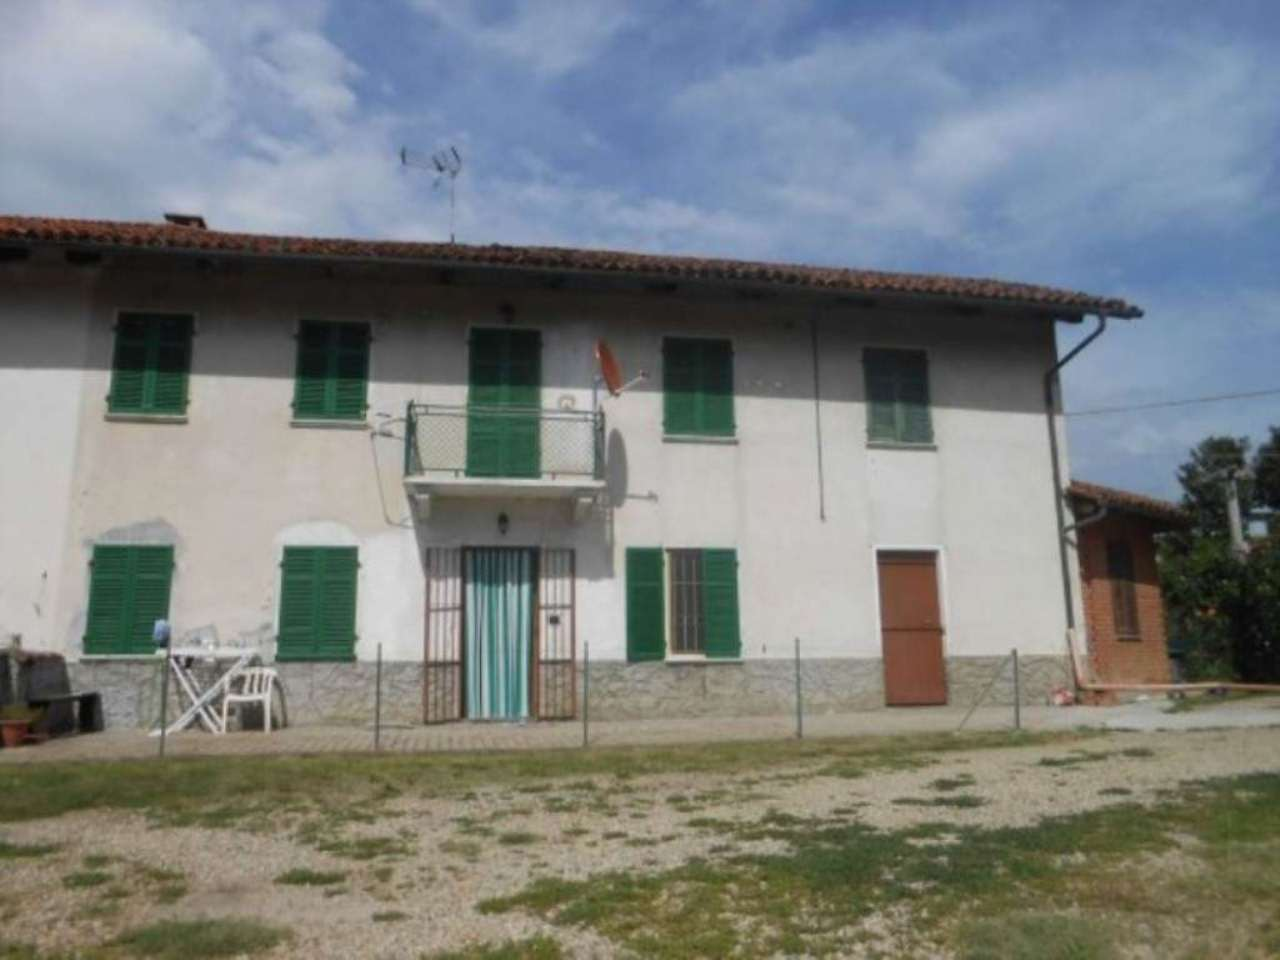 Rustico / Casale in vendita a Castelnuovo Don Bosco, 6 locali, prezzo € 69.000 | Cambio Casa.it